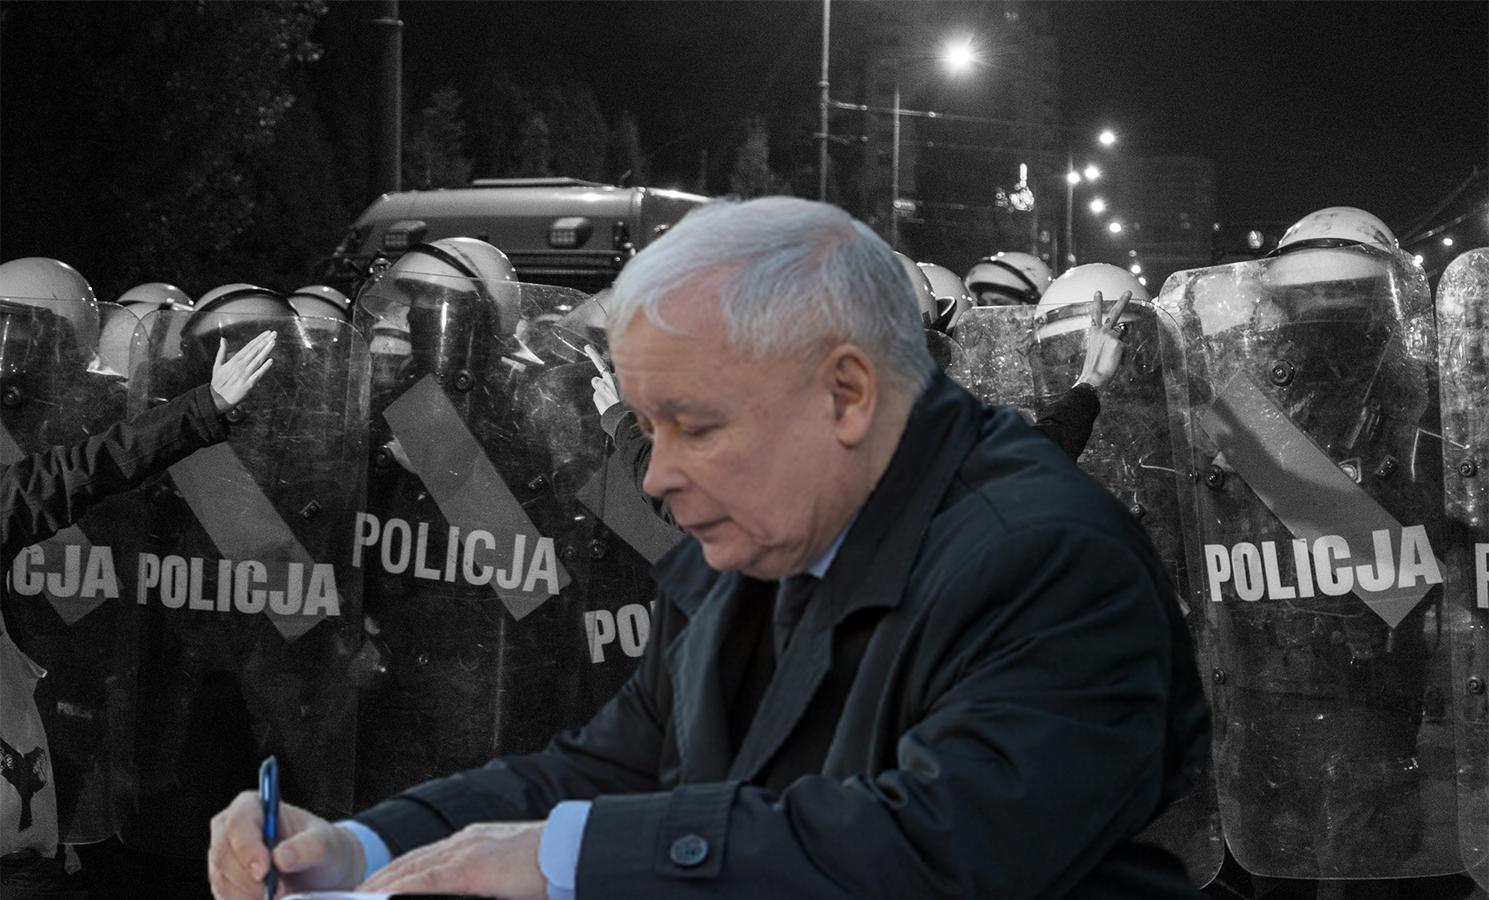 Sondaż: czy Kaczyński powinien zostać zdymisjonowany?